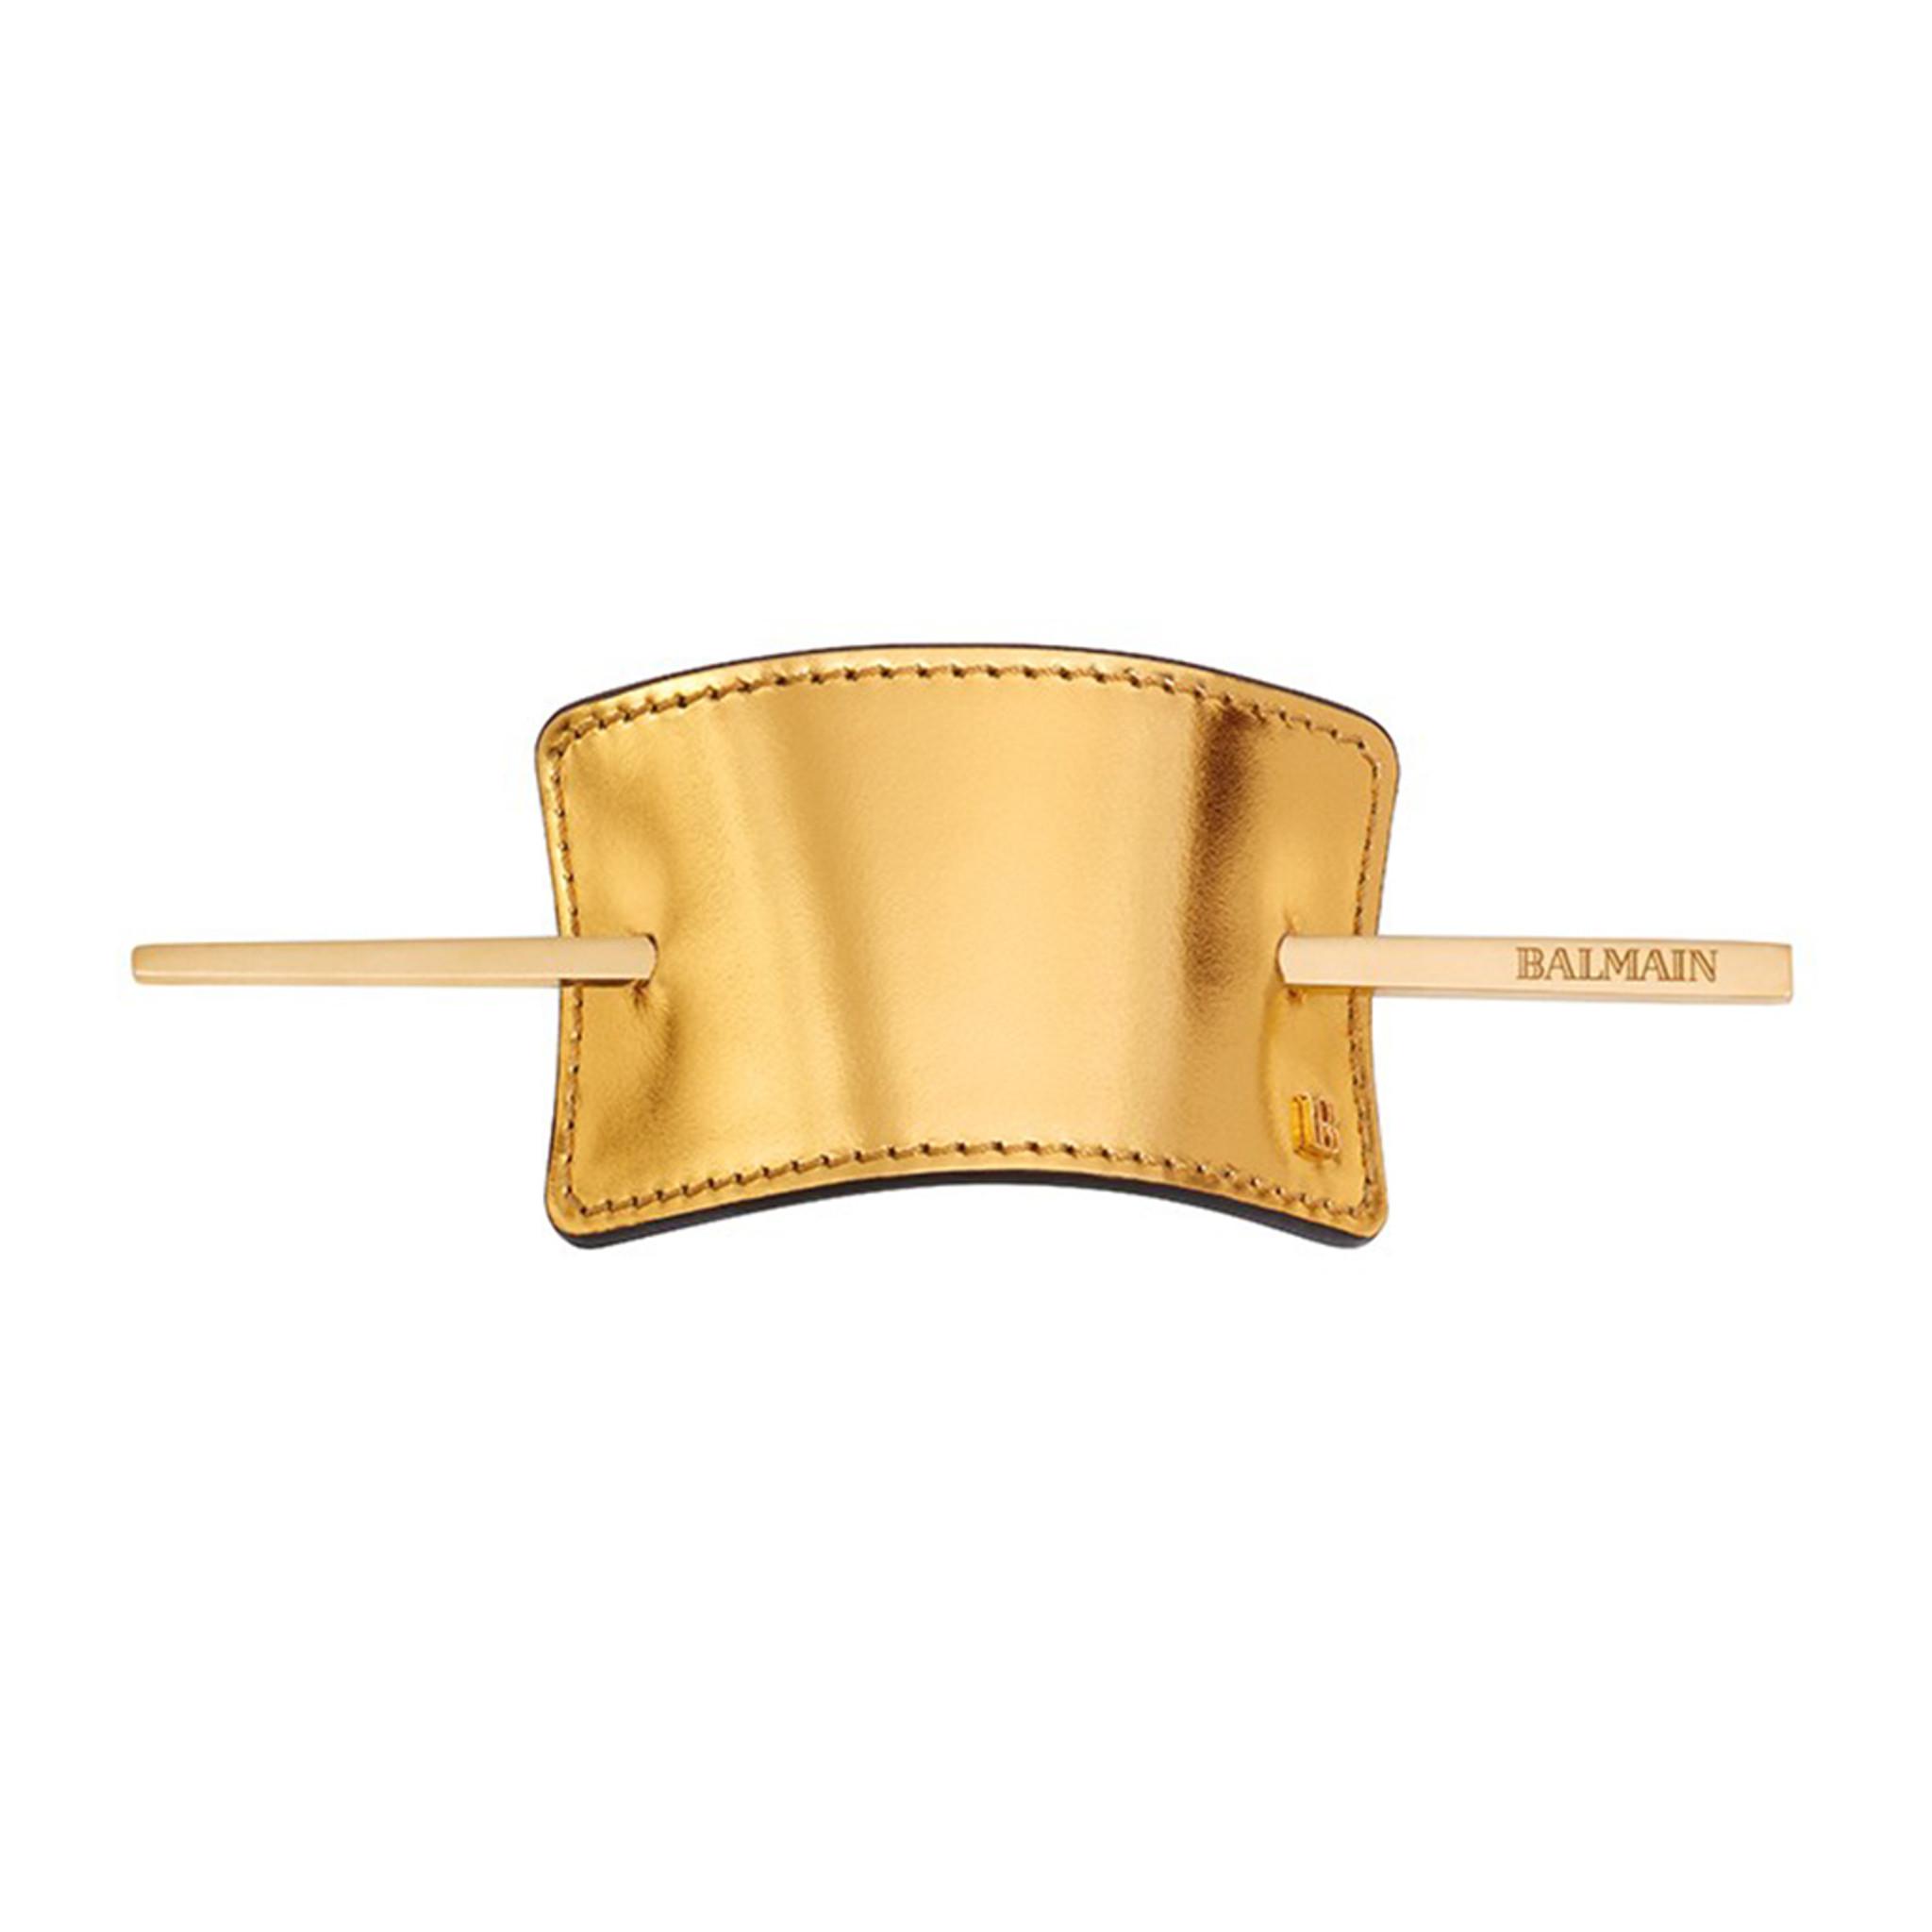 LUXURY HAIR BARRETTE GOLD by Balmain Paris Hair Couture